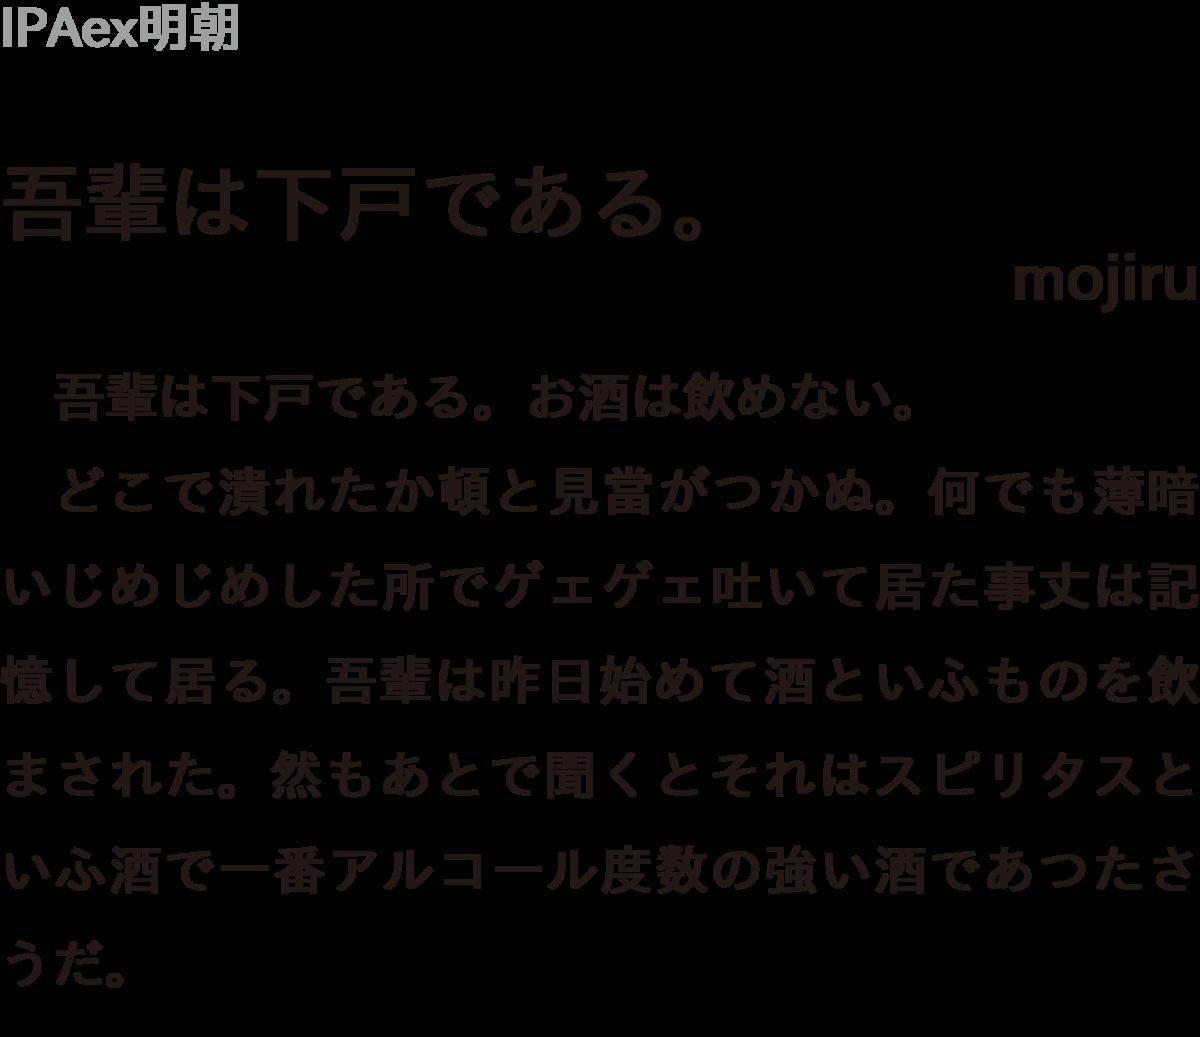 f:id:mojiru:20190516100720p:plain